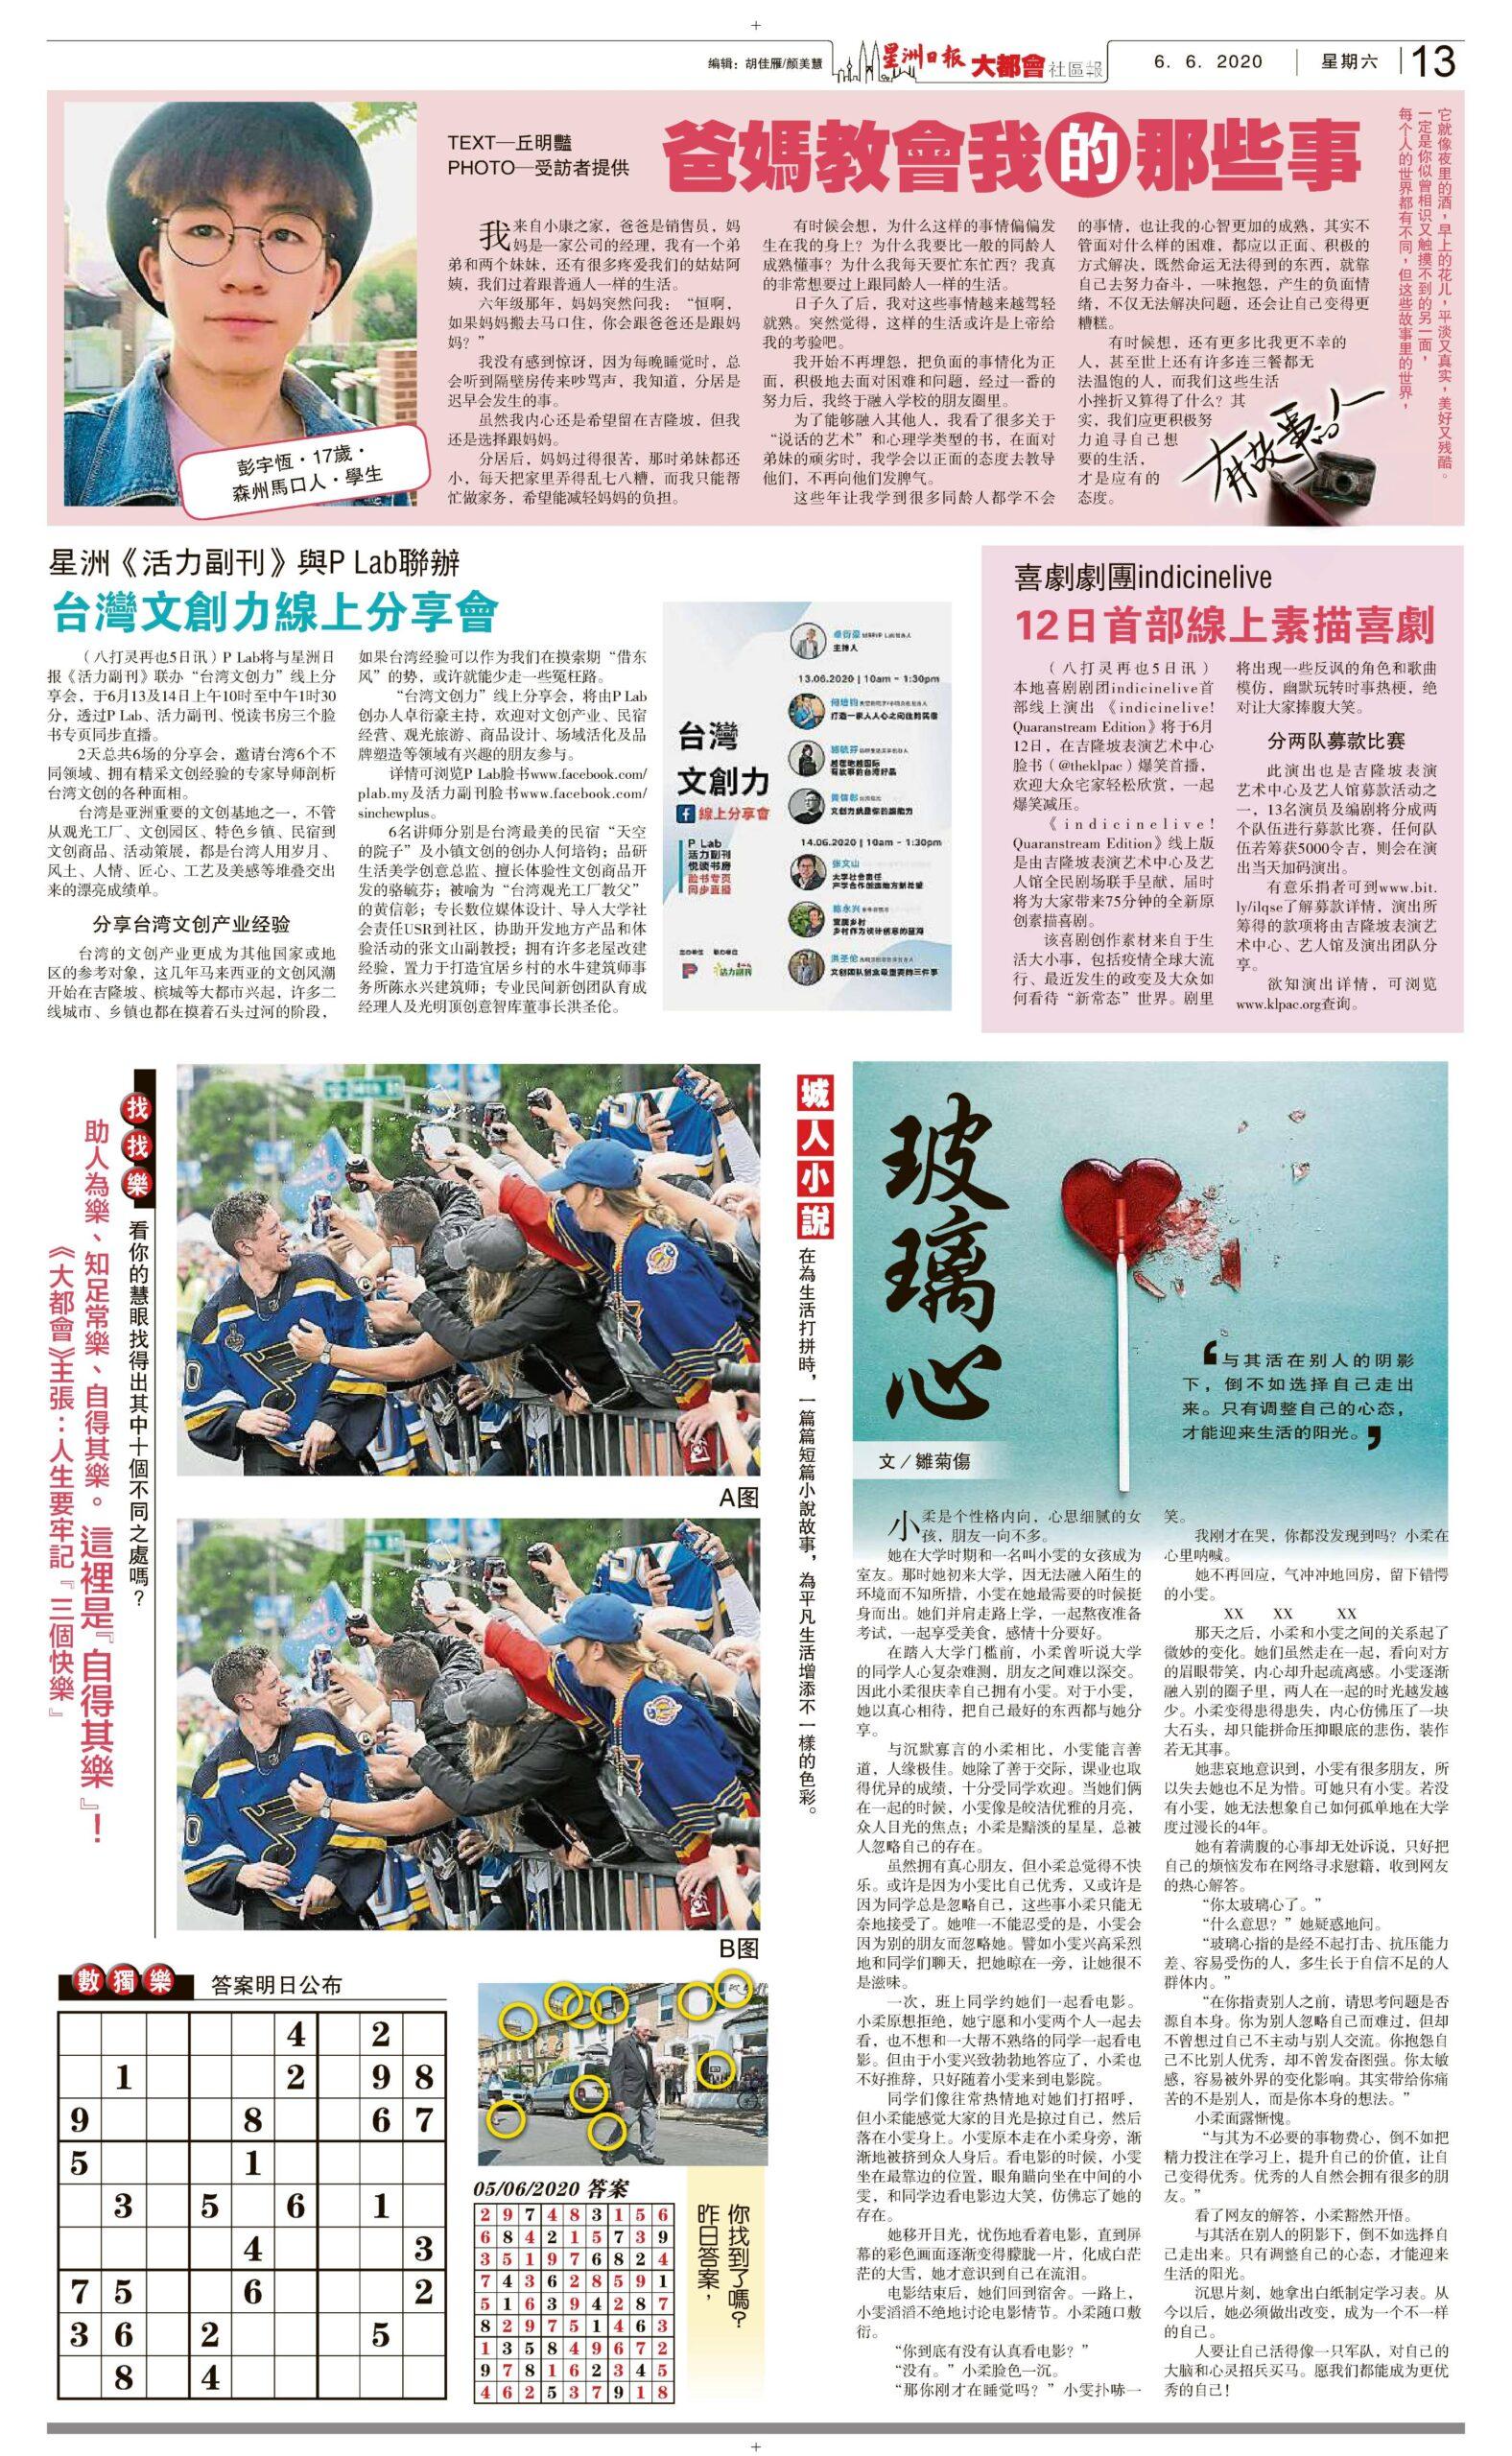 20200613_P Lab_ 台湾文创力_KL